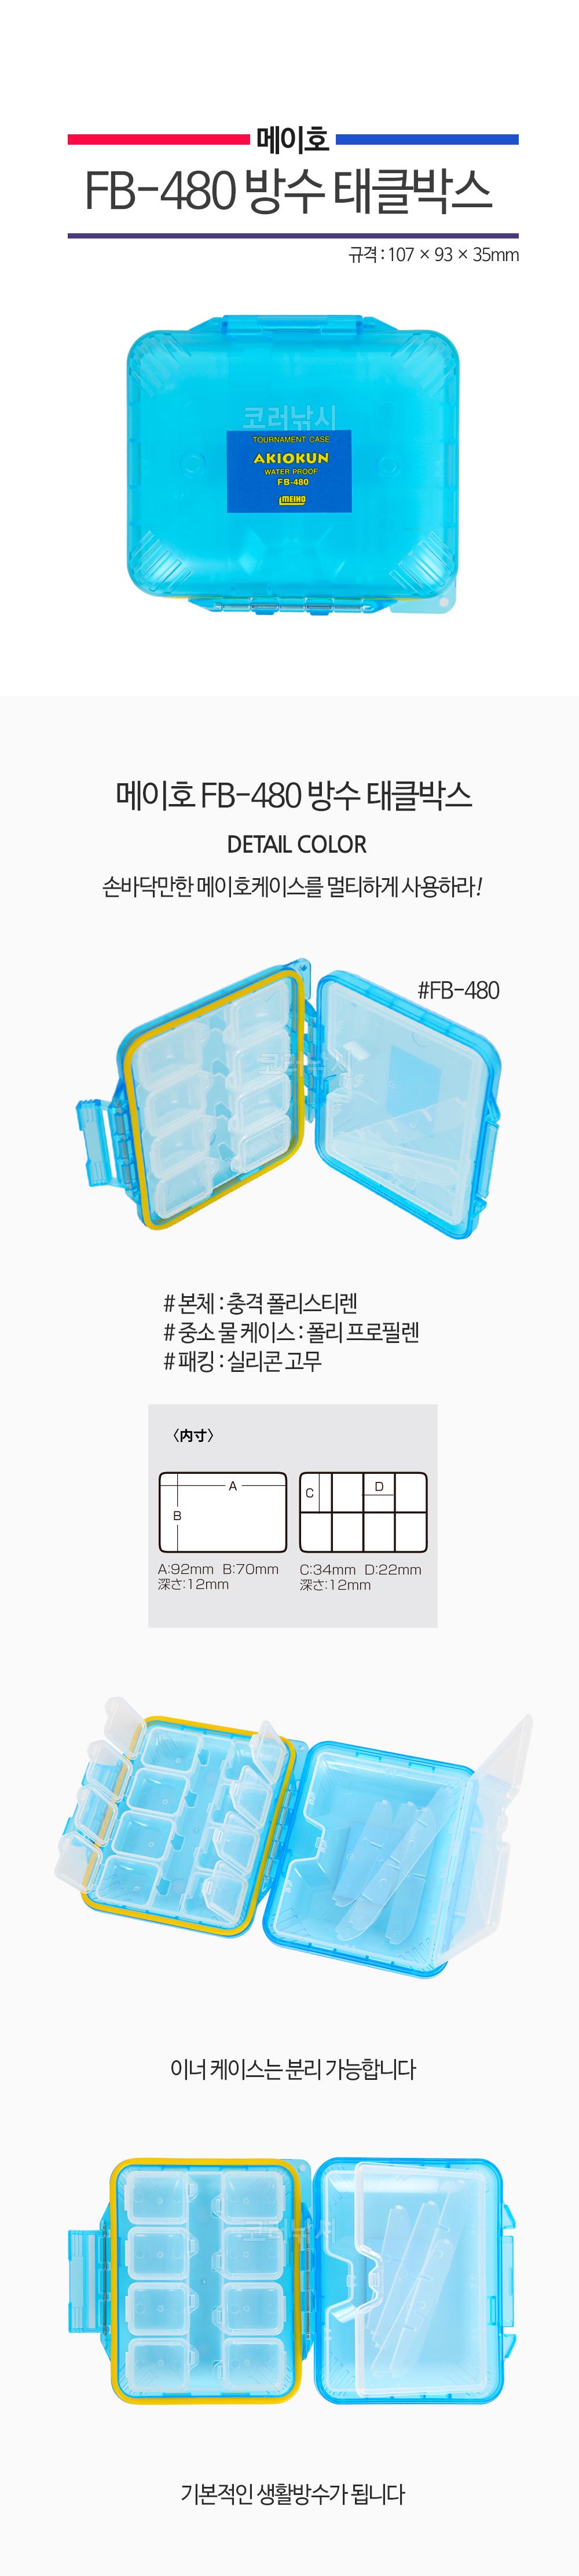 메이호 FB-480 방수 태클박스 소형태클박스 소형태클 바늘케이스 바늘통